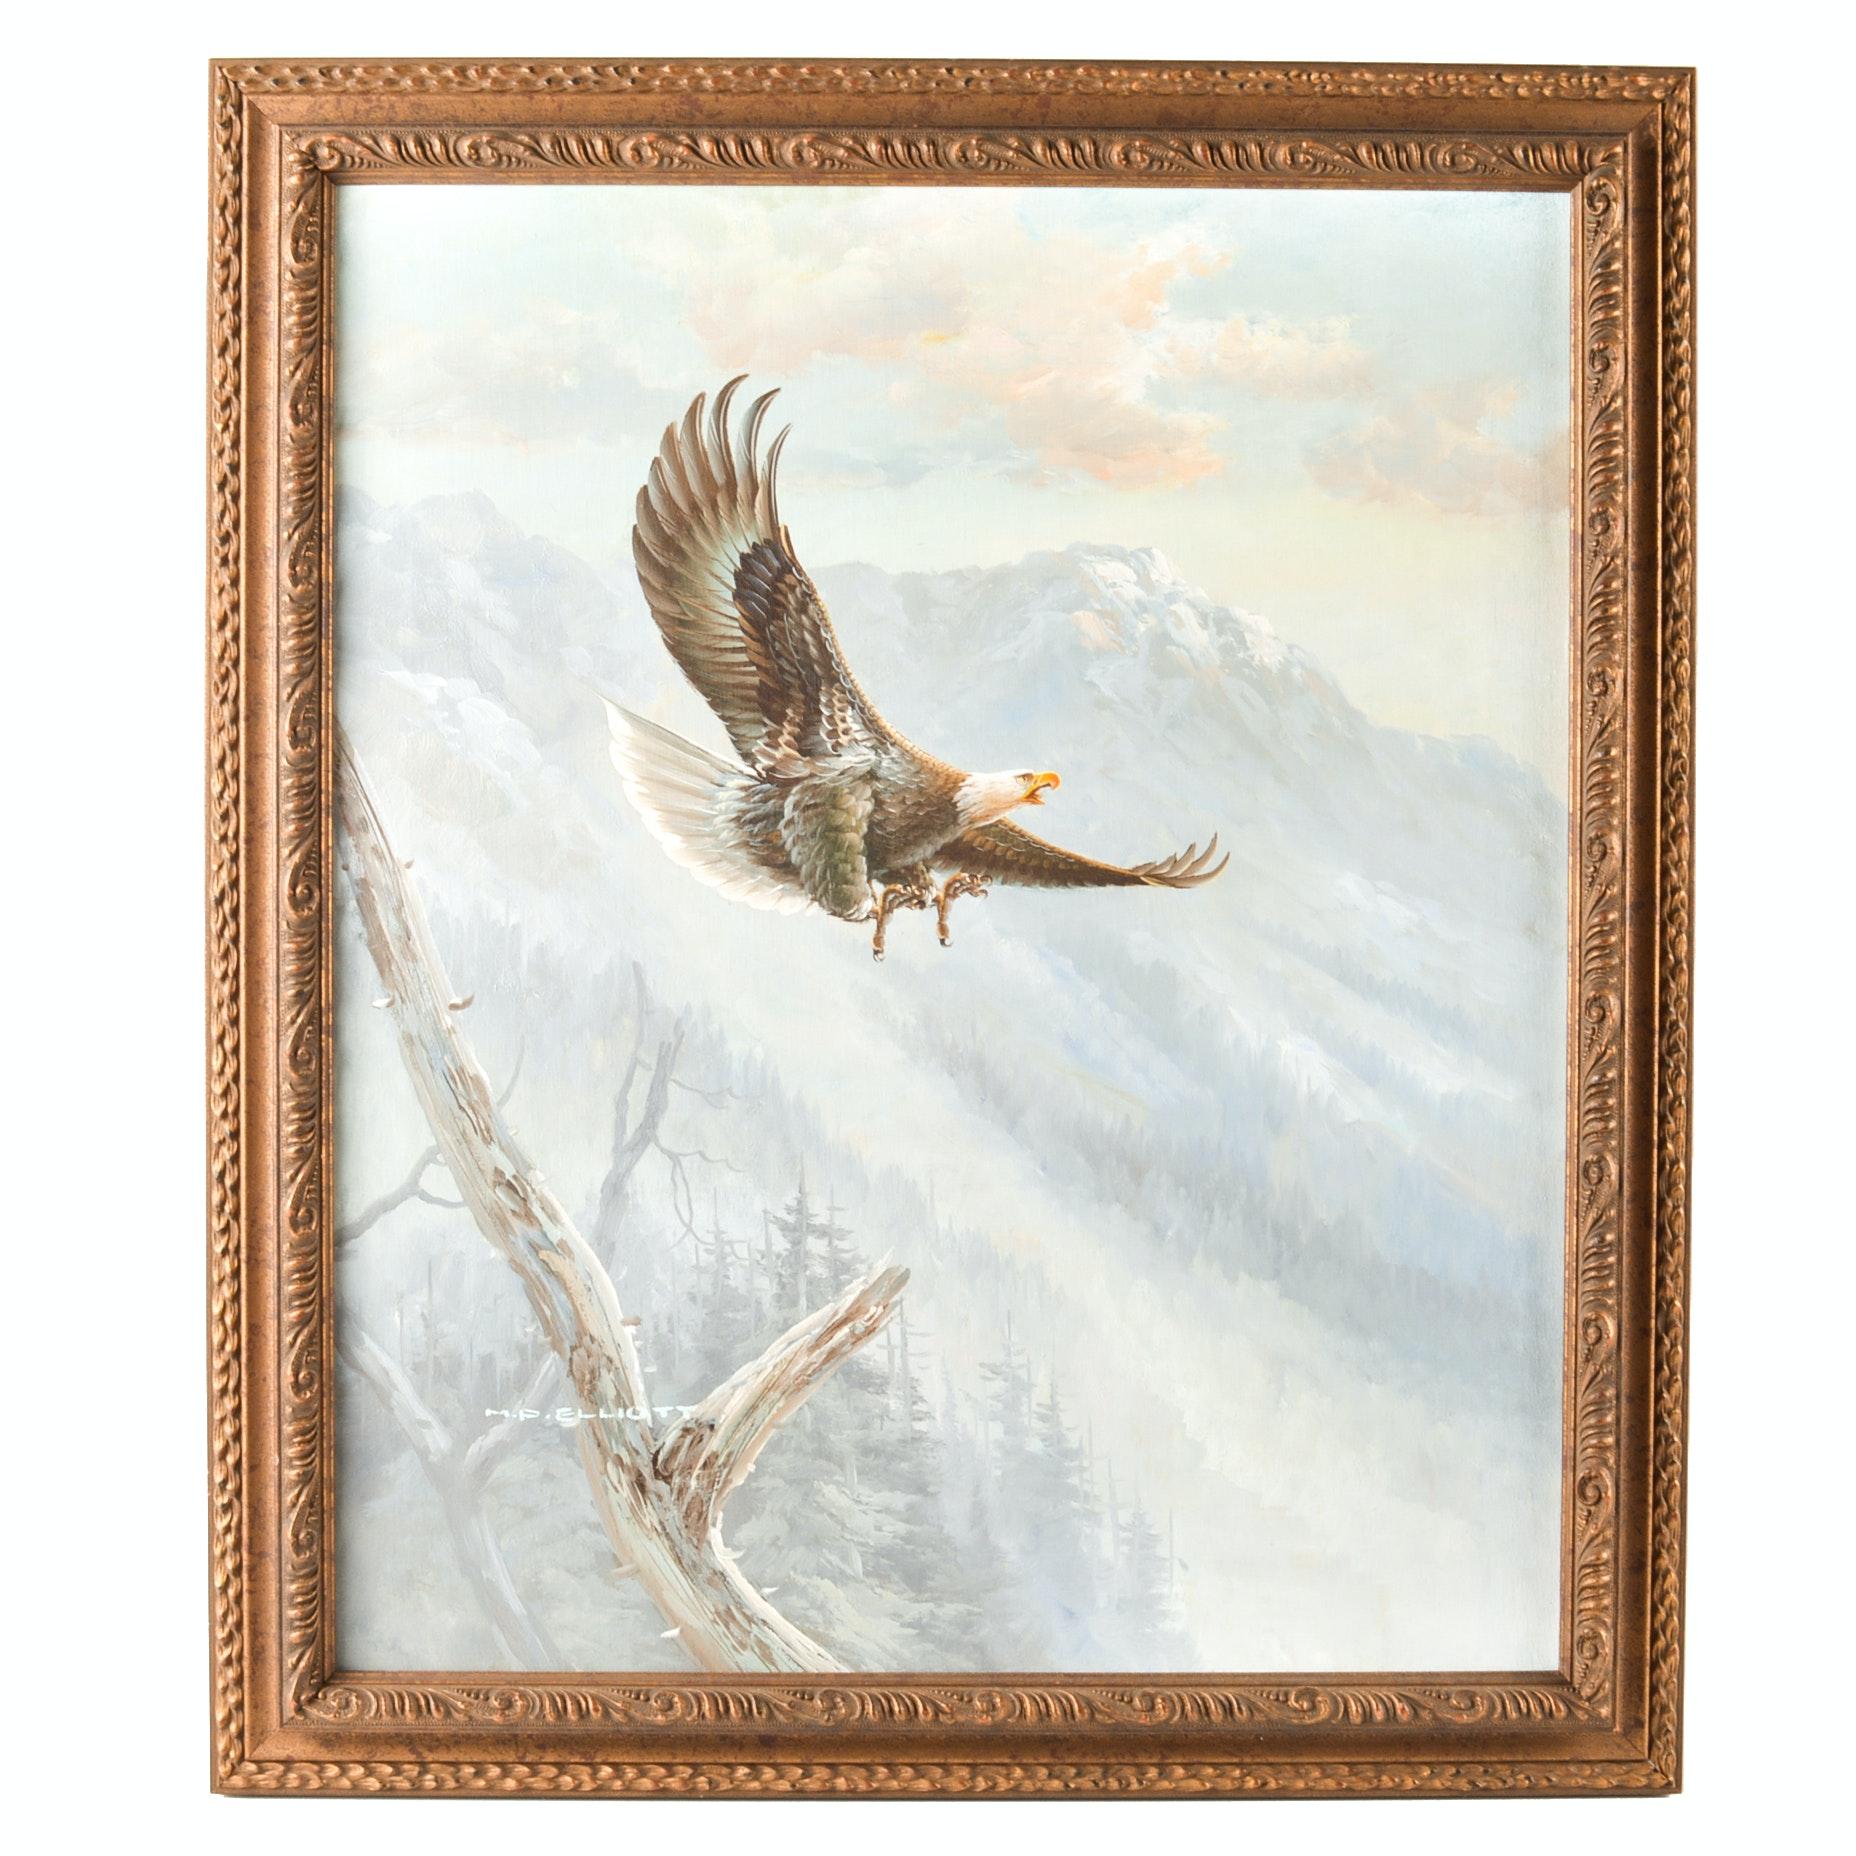 M.P. Elliot Oil on Canvas Eagle Painting